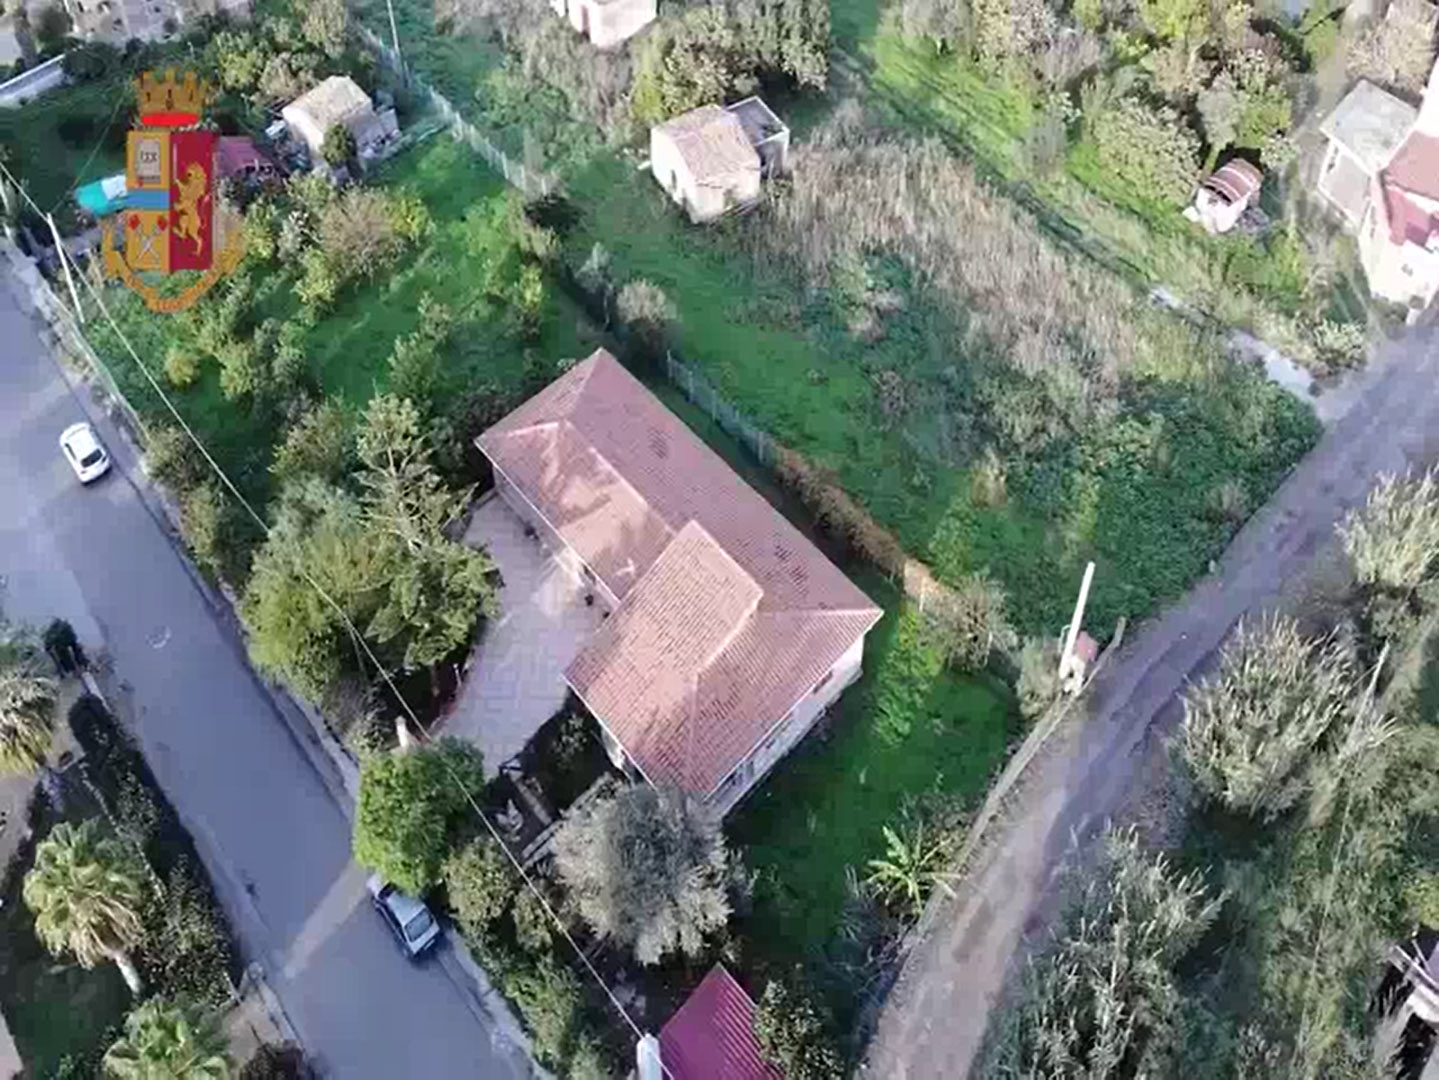 La Polizia di Stato chiude una casa di riposo abusiva a Campofelice di Roccella